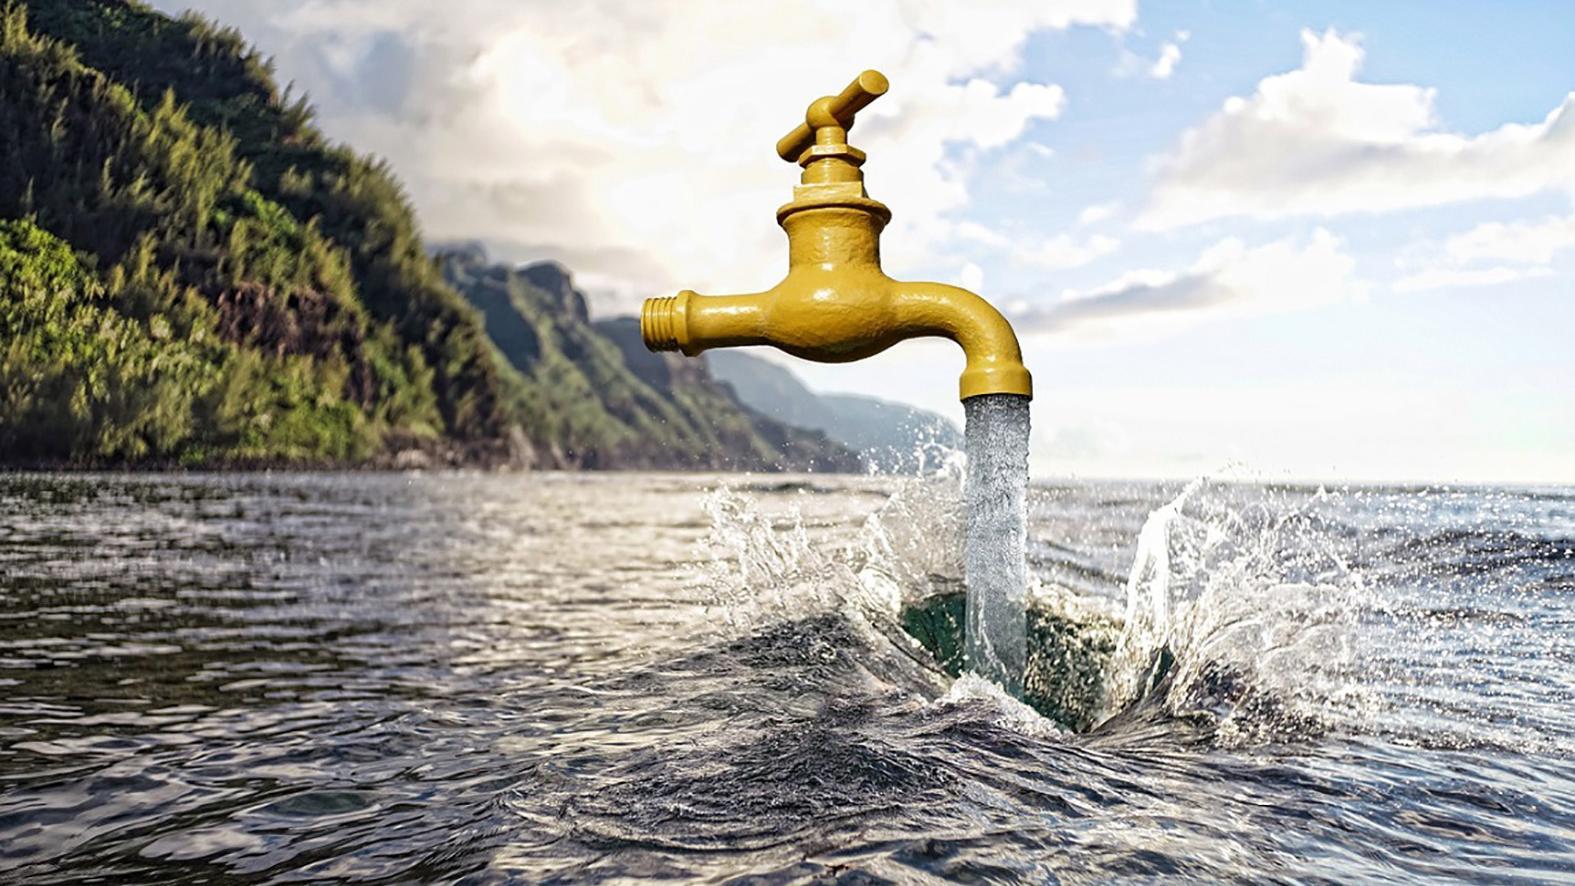 отметила, что картинки использовать воды достопримечательностях интересных